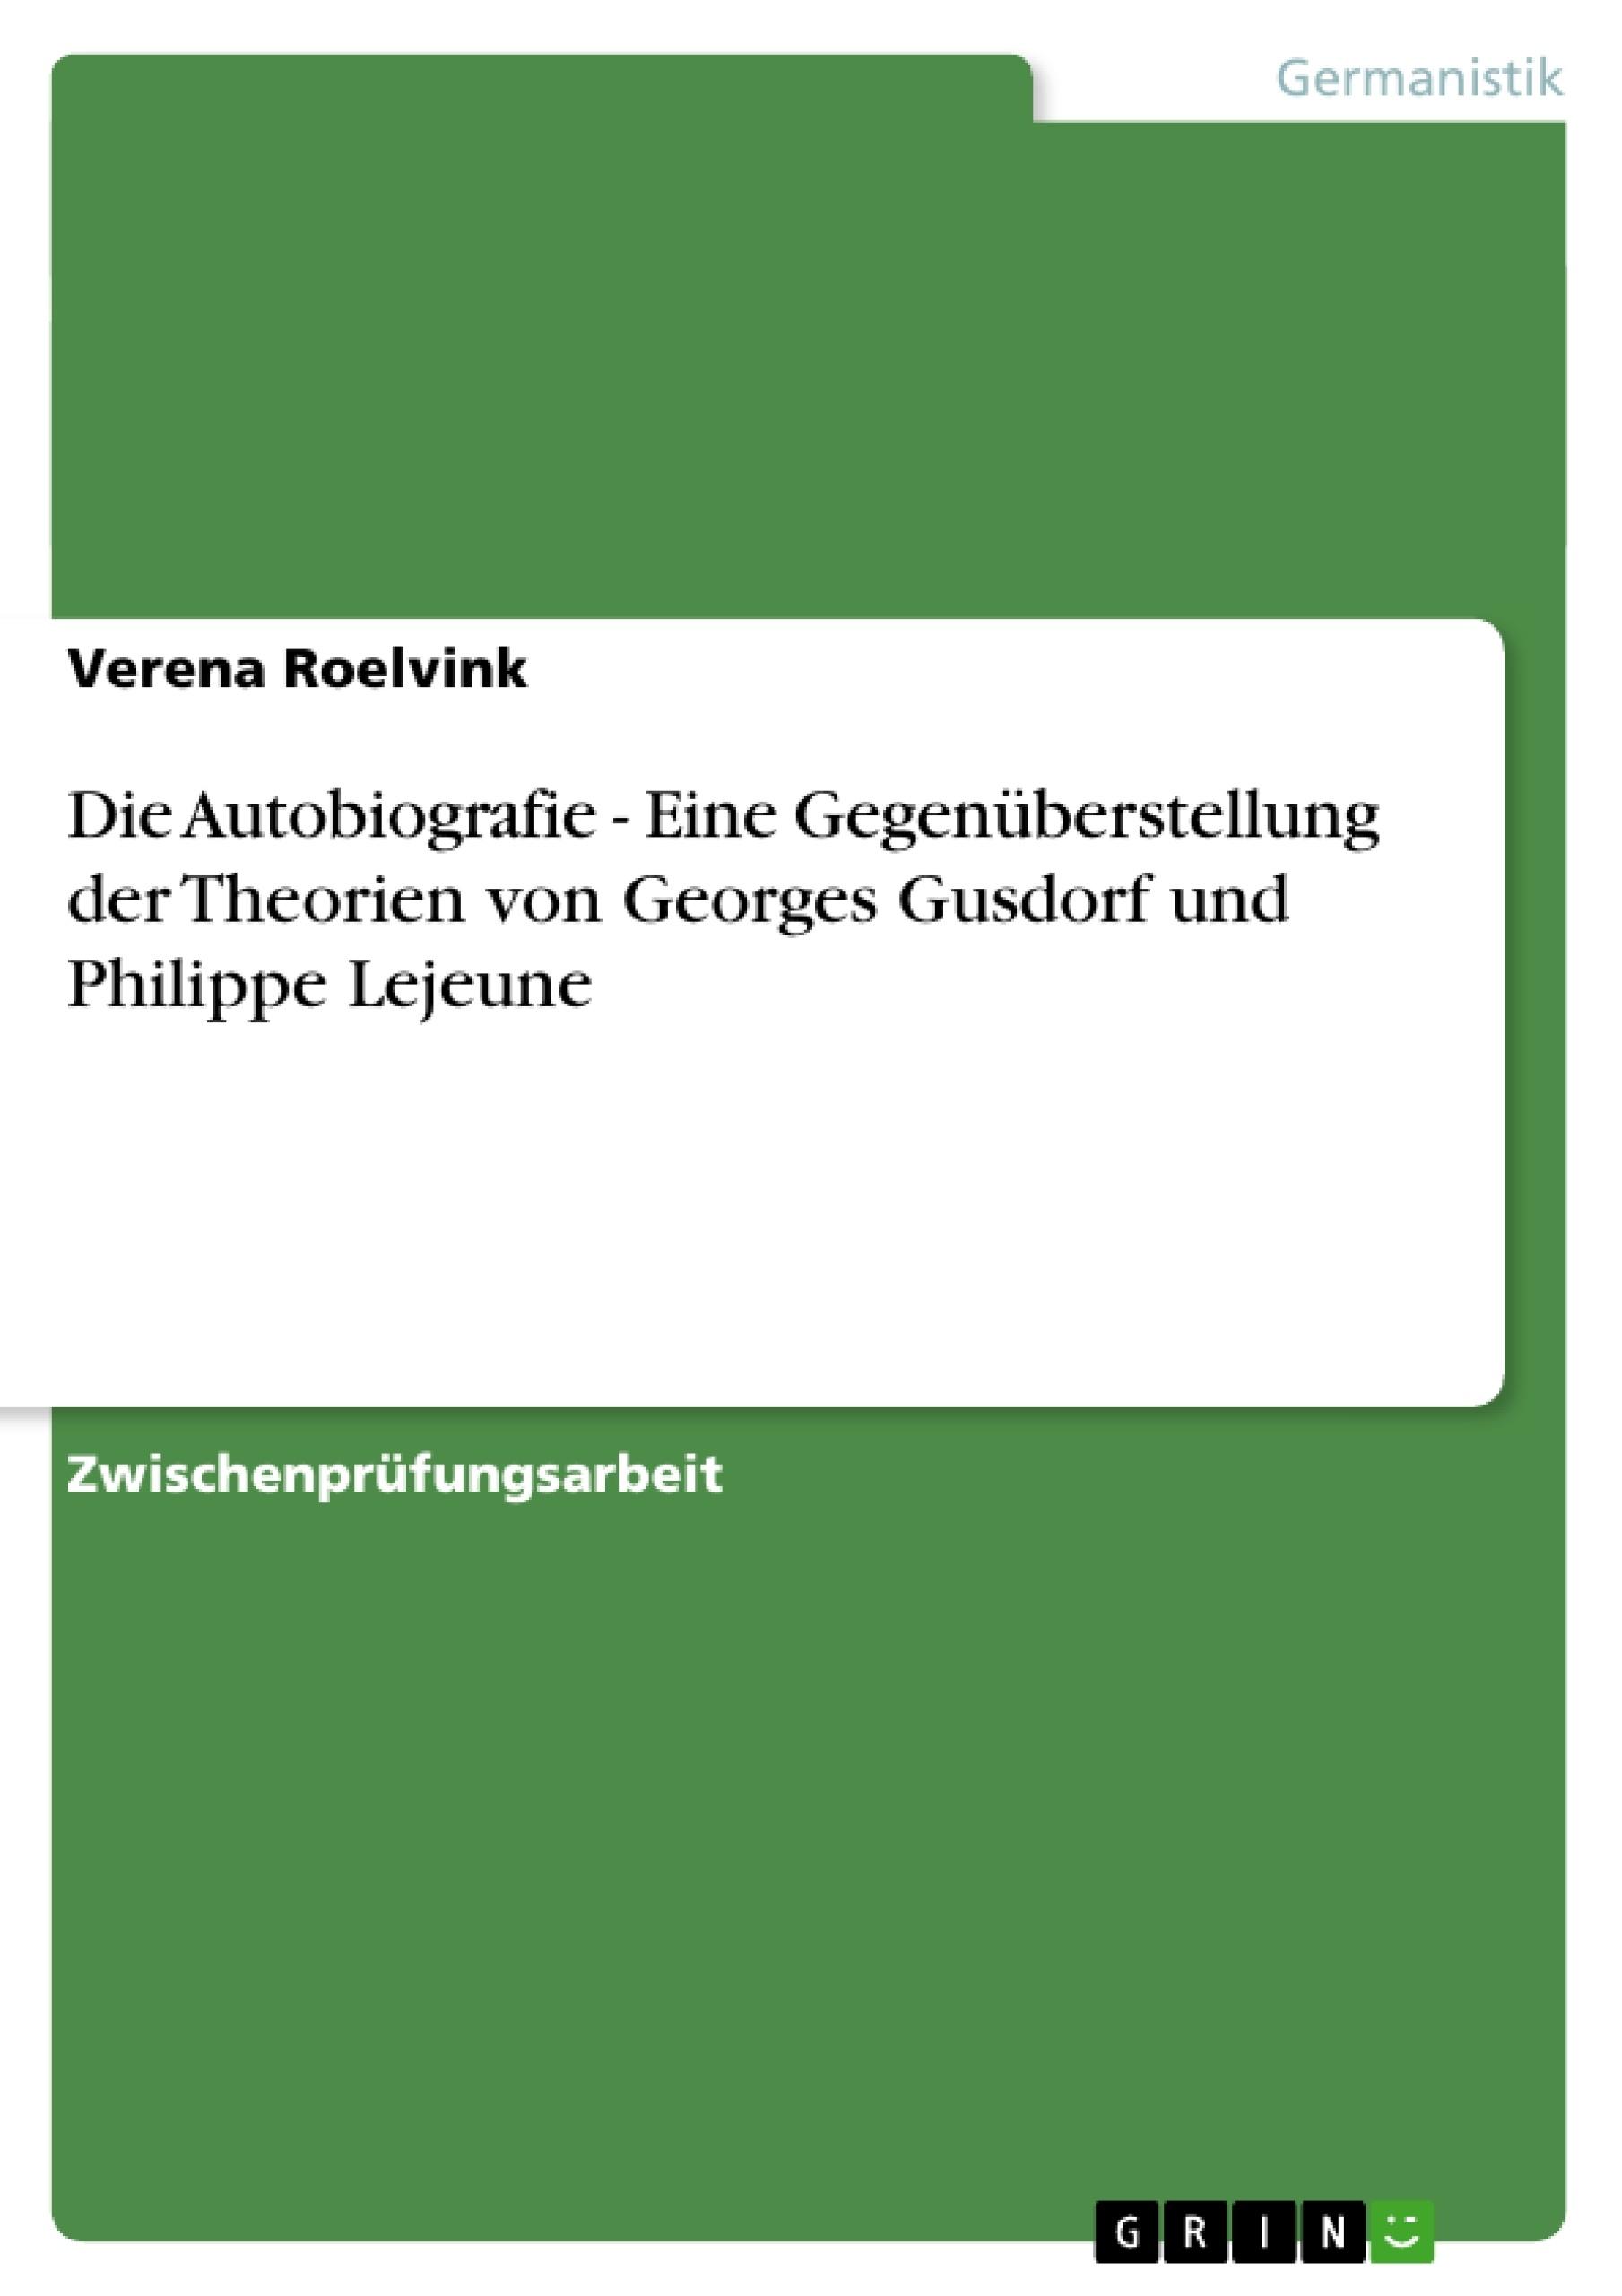 Titel: Die Autobiografie  - Eine Gegenüberstellung der Theorien von Georges Gusdorf und Philippe Lejeune